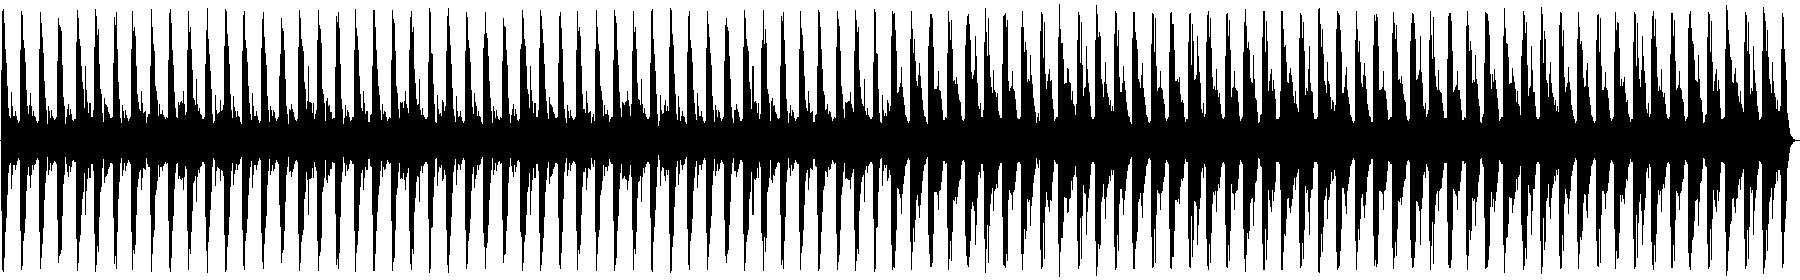 hardbass fr loop